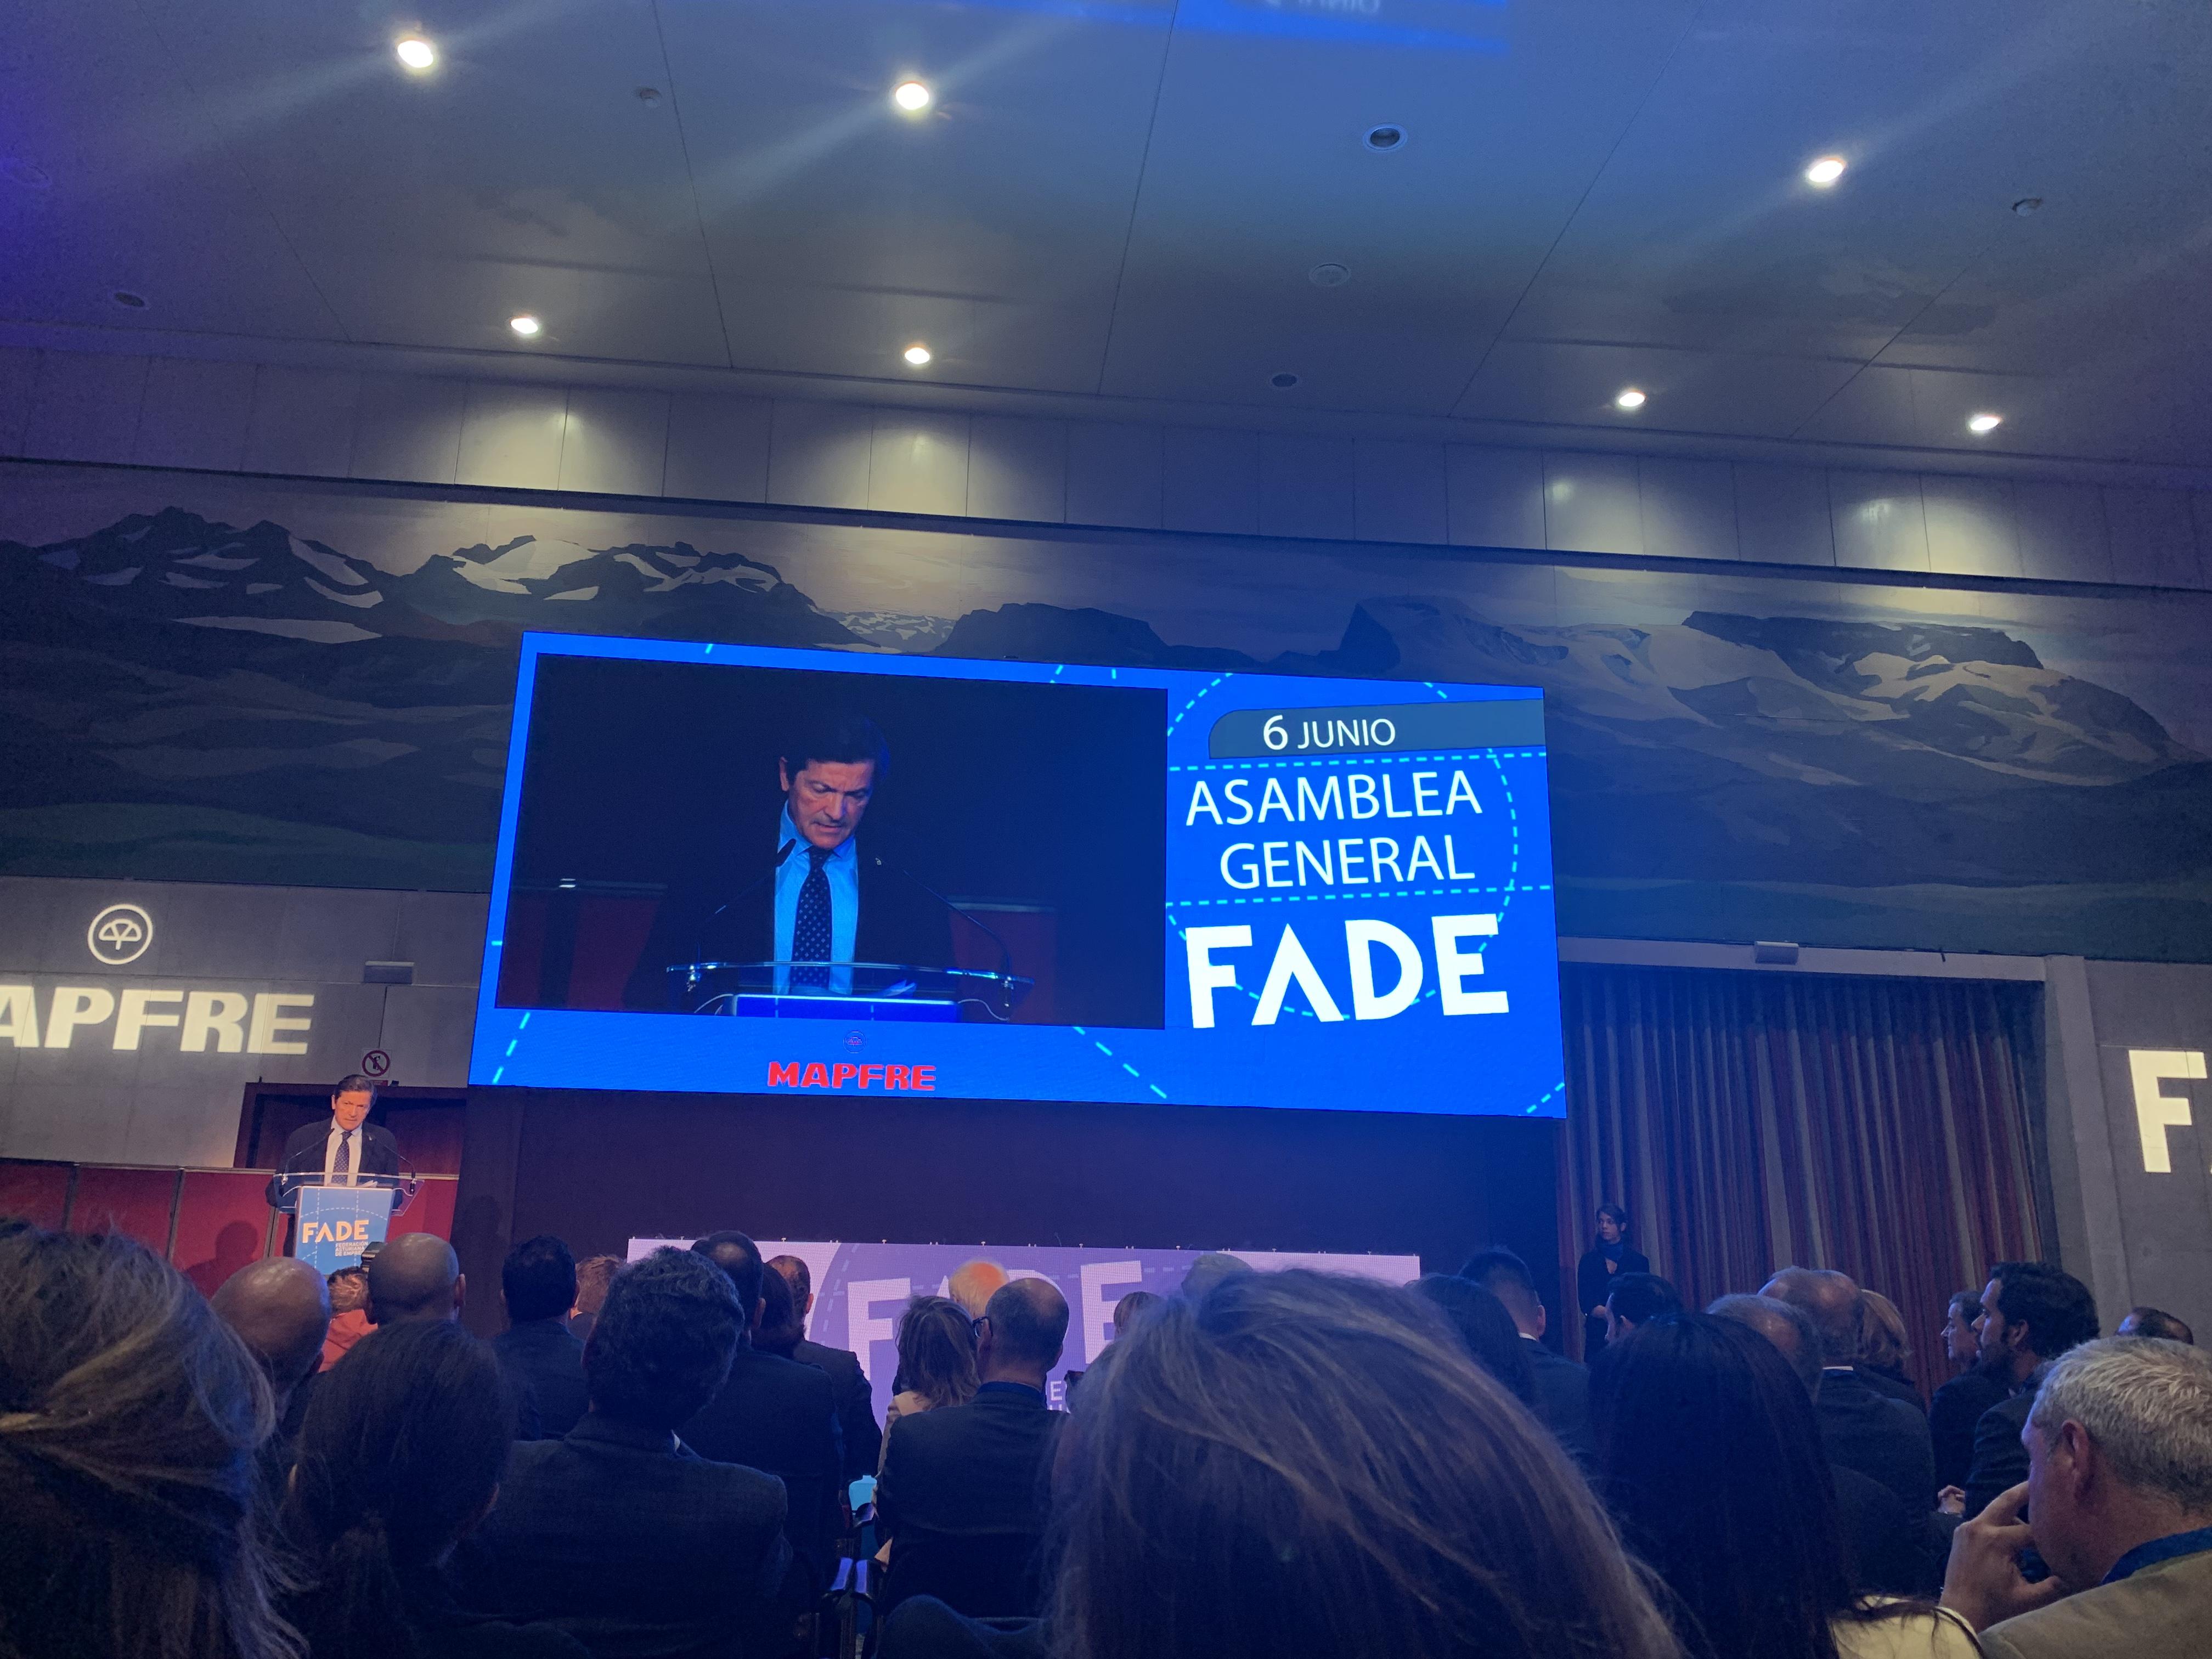 Fenitel participa en la Asamblea General de la Federación Asturiana de Empresarios 3 Una delegación de nuestra Federación asistió a la Asamblea General Anual de la Federación Asturiana de Empresarios, que fue clausurada por el presidente de